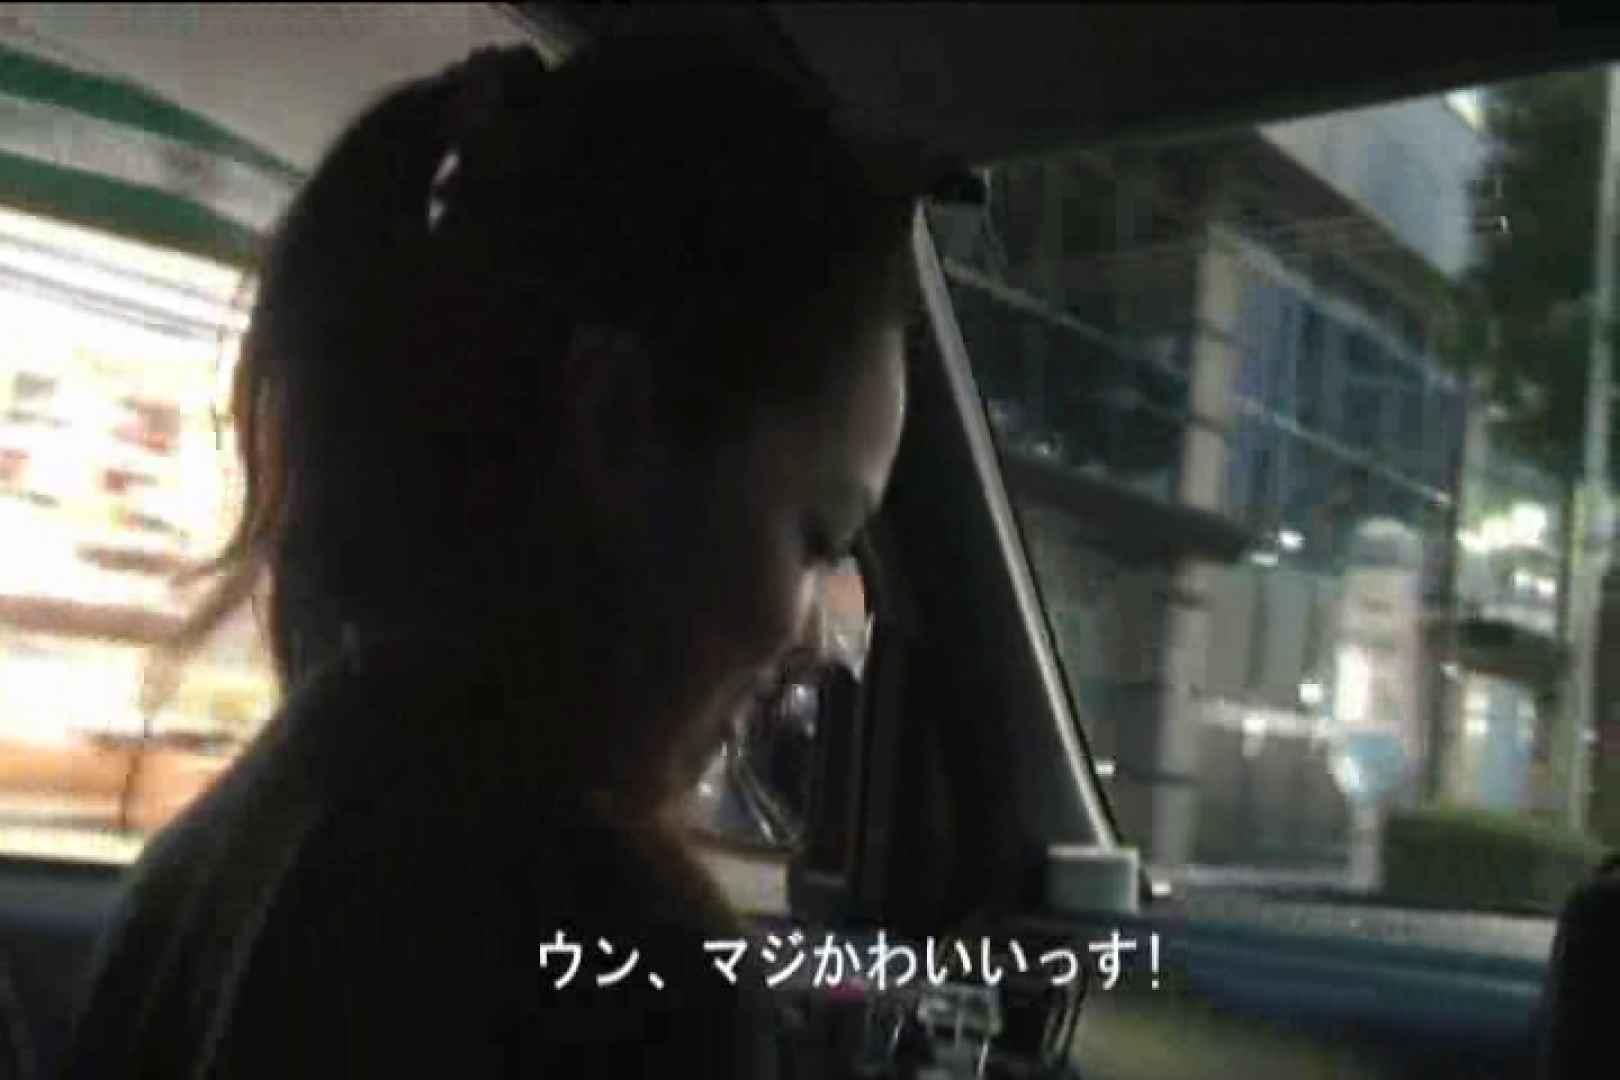 車内で初めまして! vol01 投稿 オマンコ動画キャプチャ 105連発 30